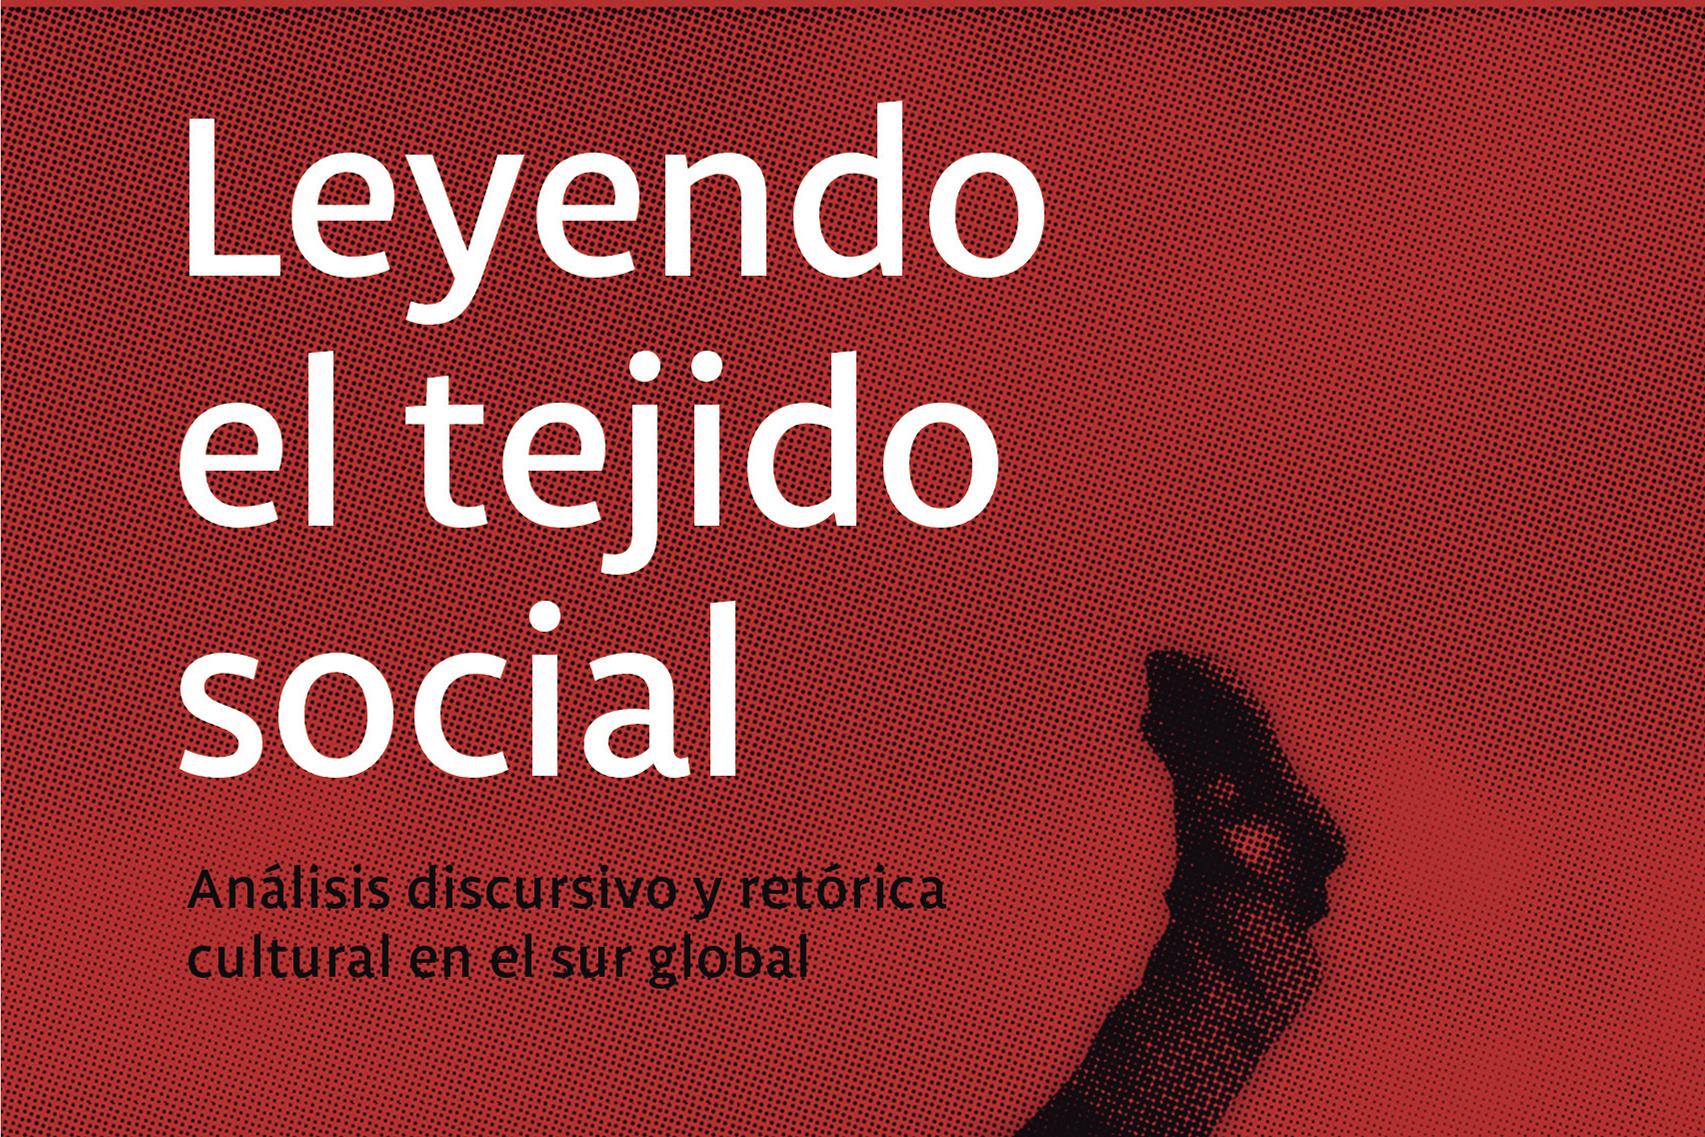 """Entrevista. Una aproximación al libro """"Leyendo el tejido social. Análisis discursivo y retórica cultural en el sur global"""" (Ediciones UFRO, 2020)"""